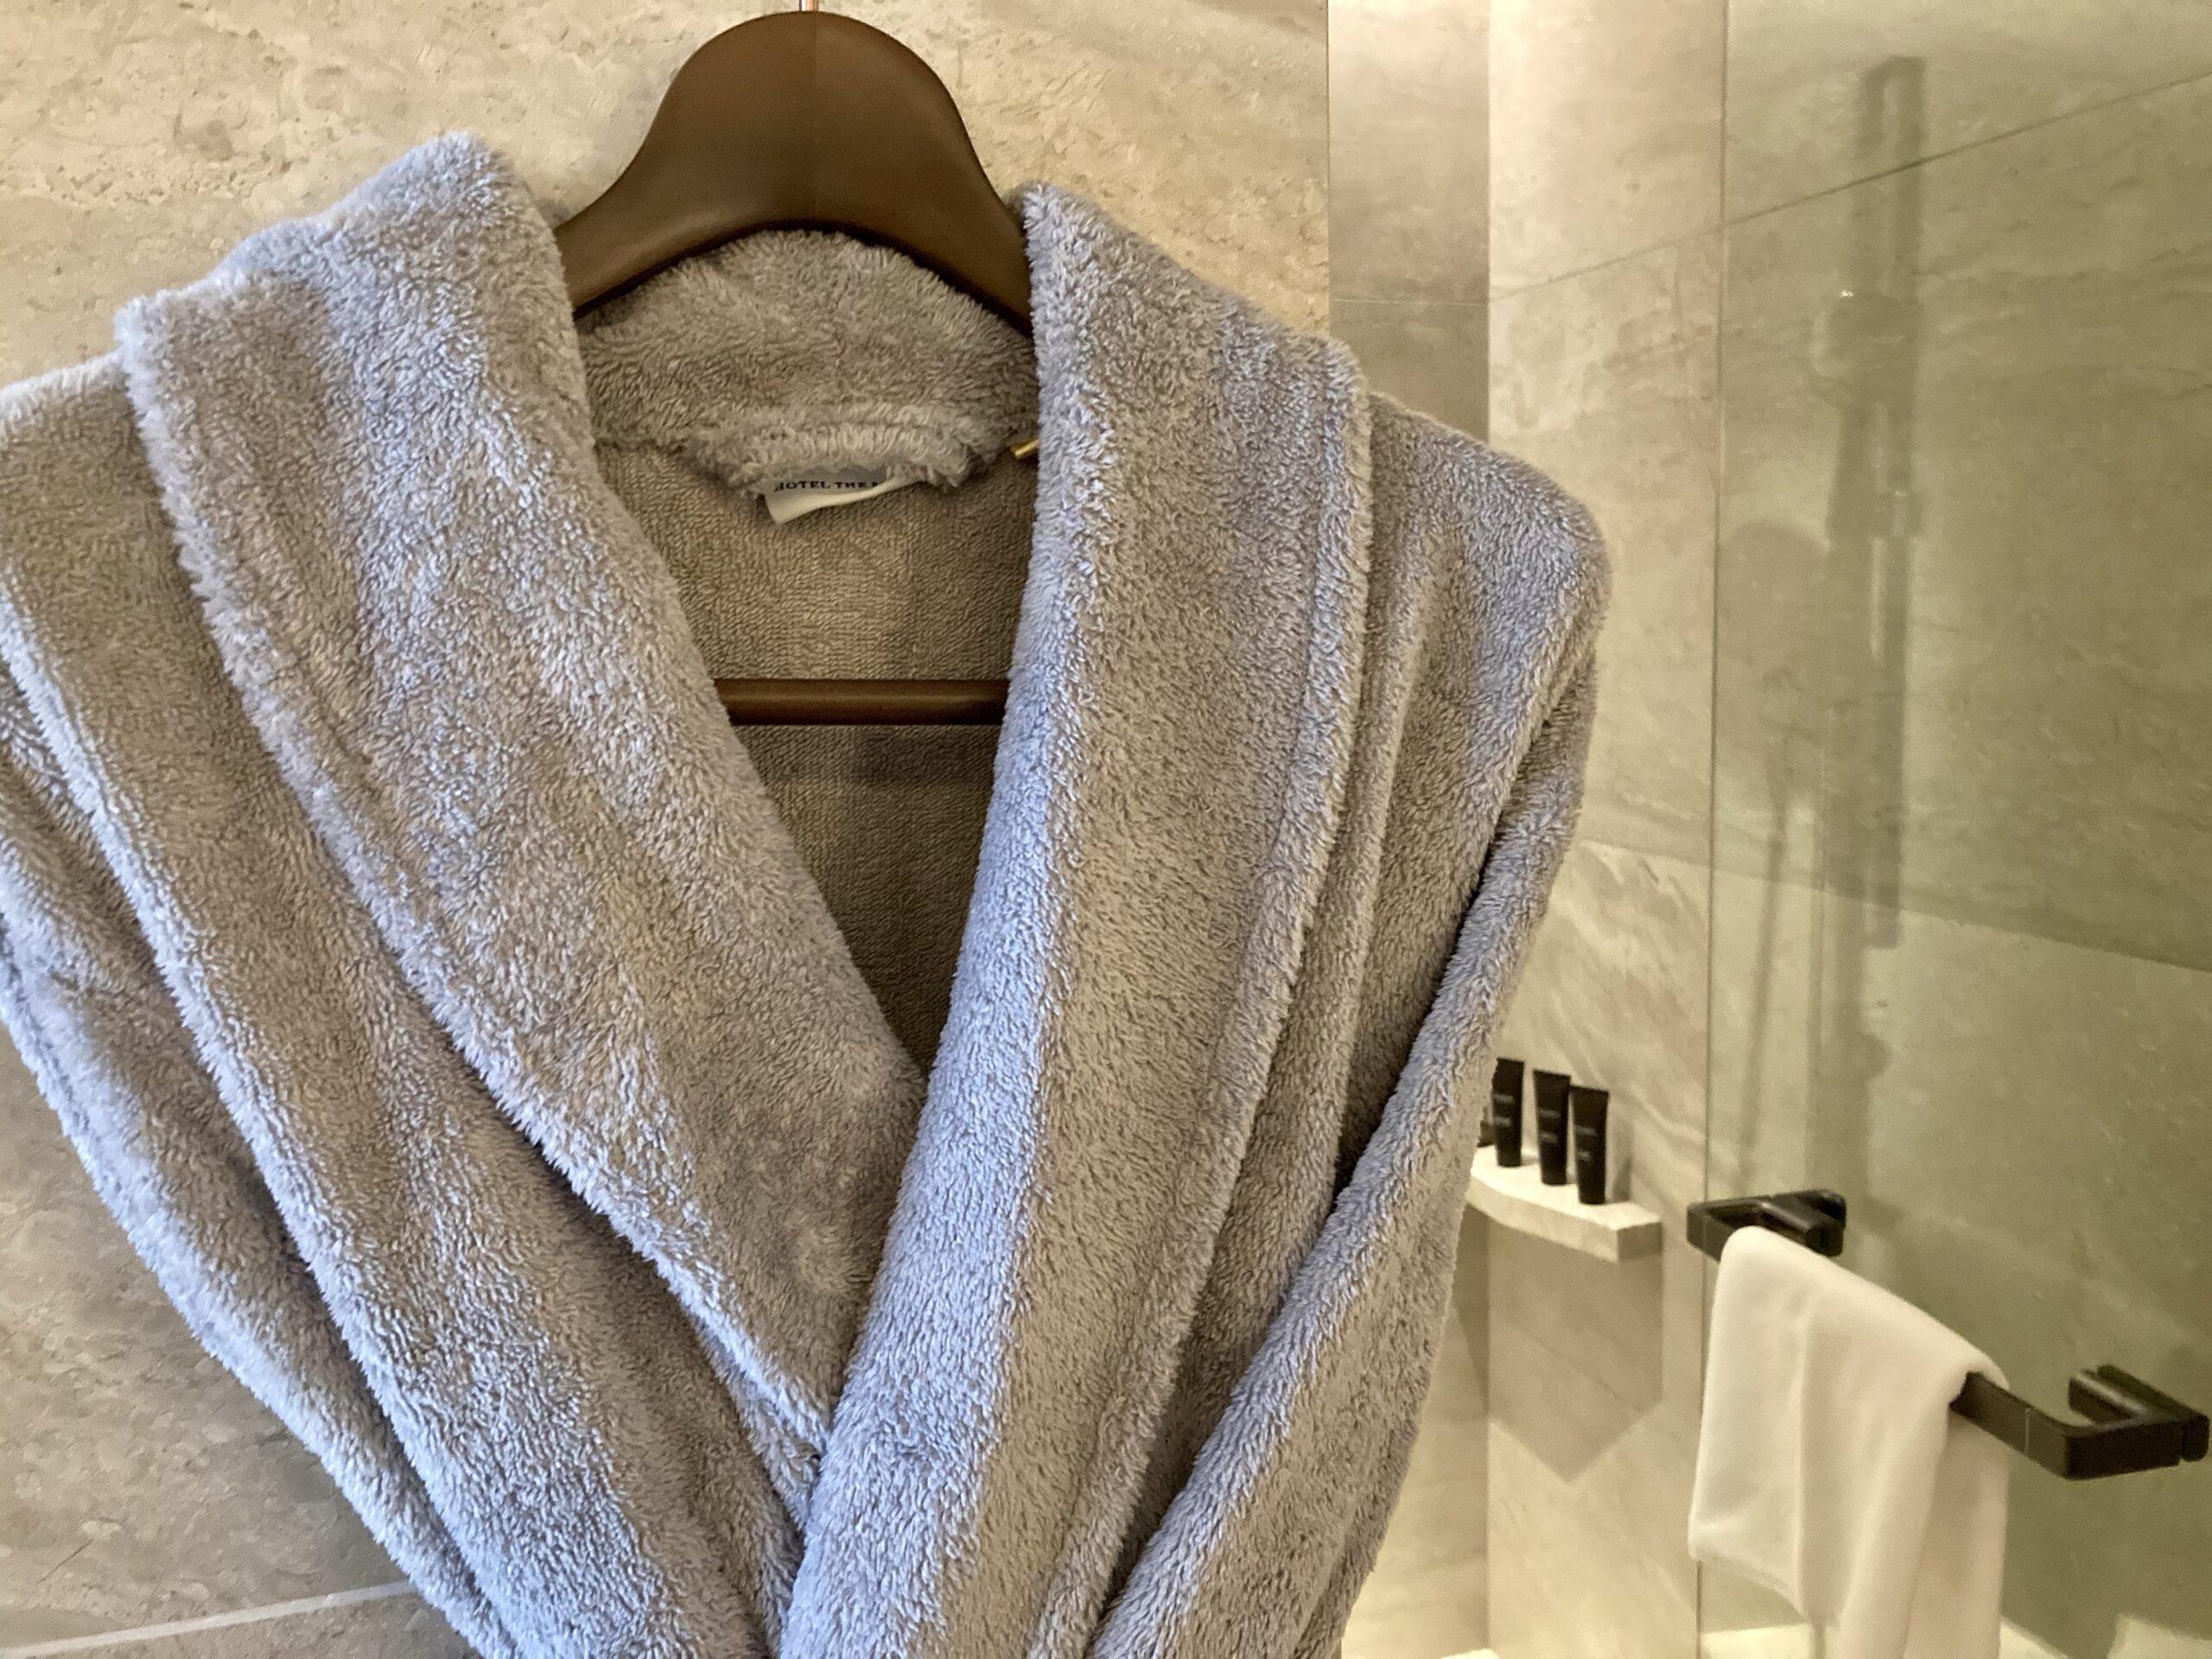 「ホテルザミツイキョウト」バスローブの写真